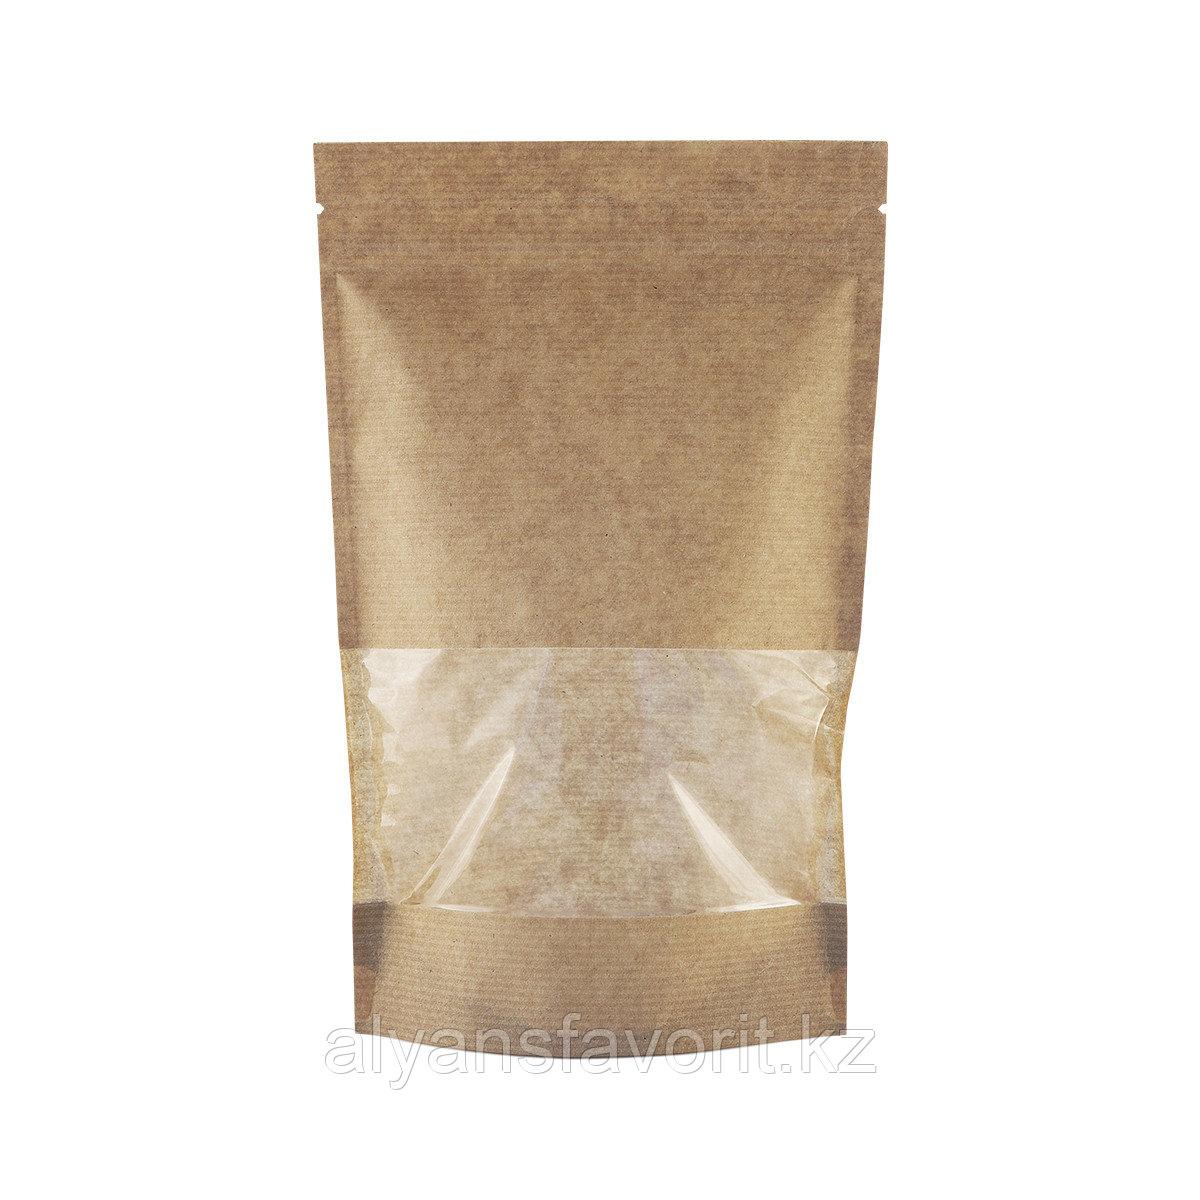 Пакет дой-пак бумажный крафт с прозрачным окном 70 мм и замком zip-lock